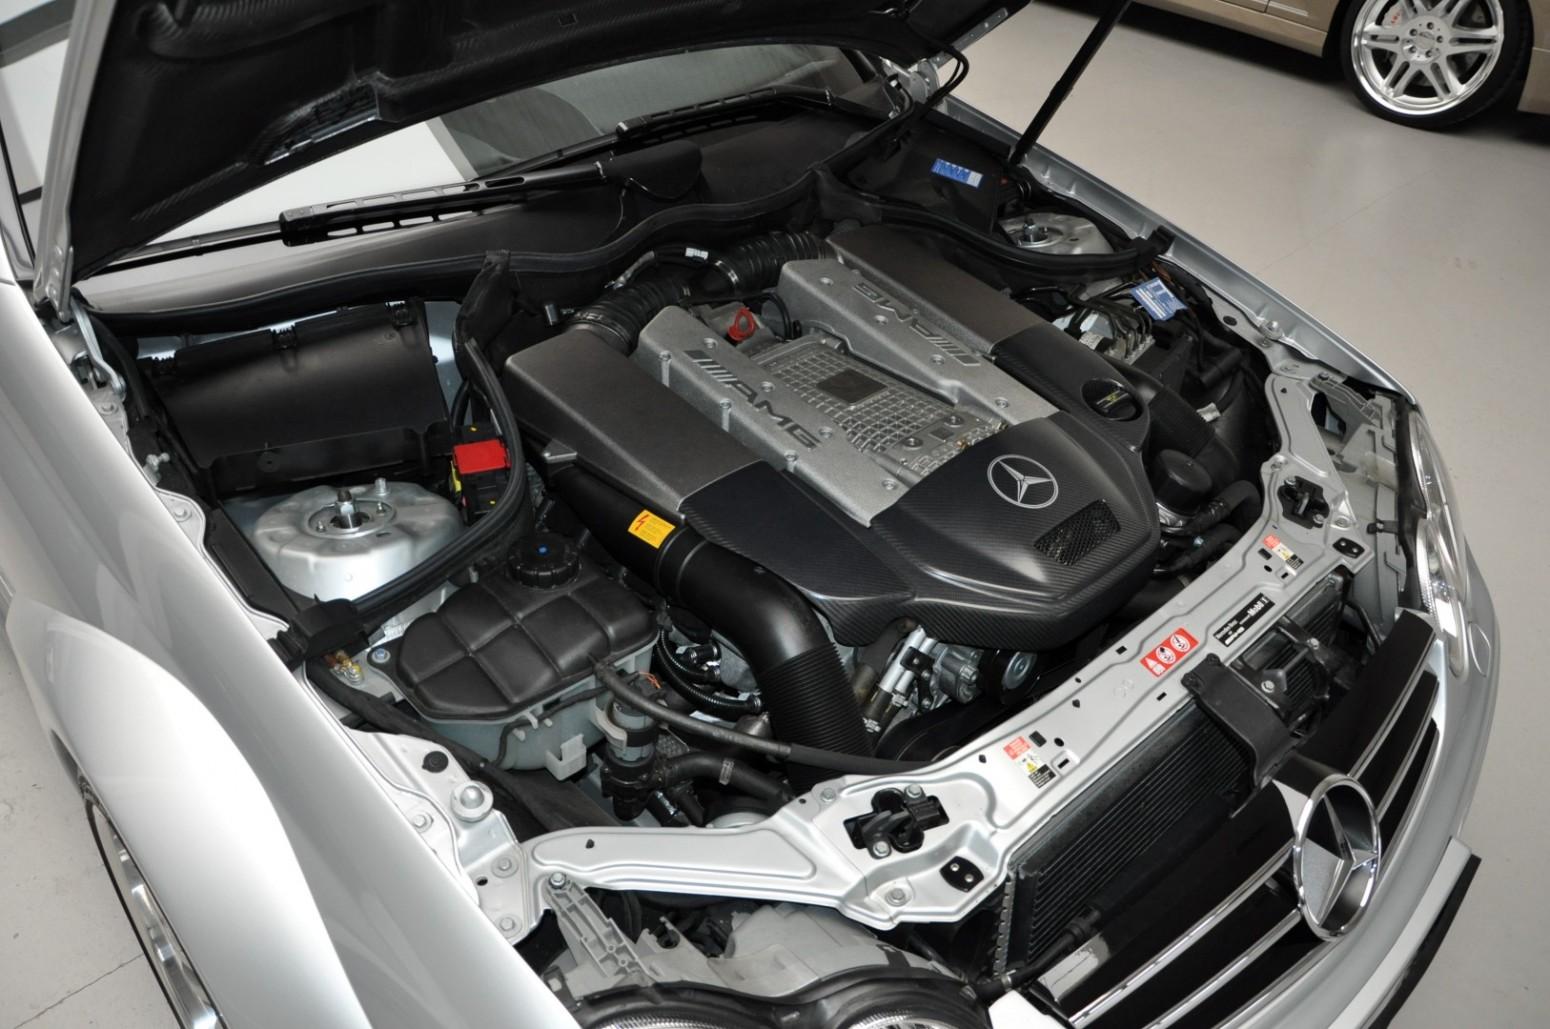 mercedes-clk-dtm-amg-cabrio-used-25.jpg